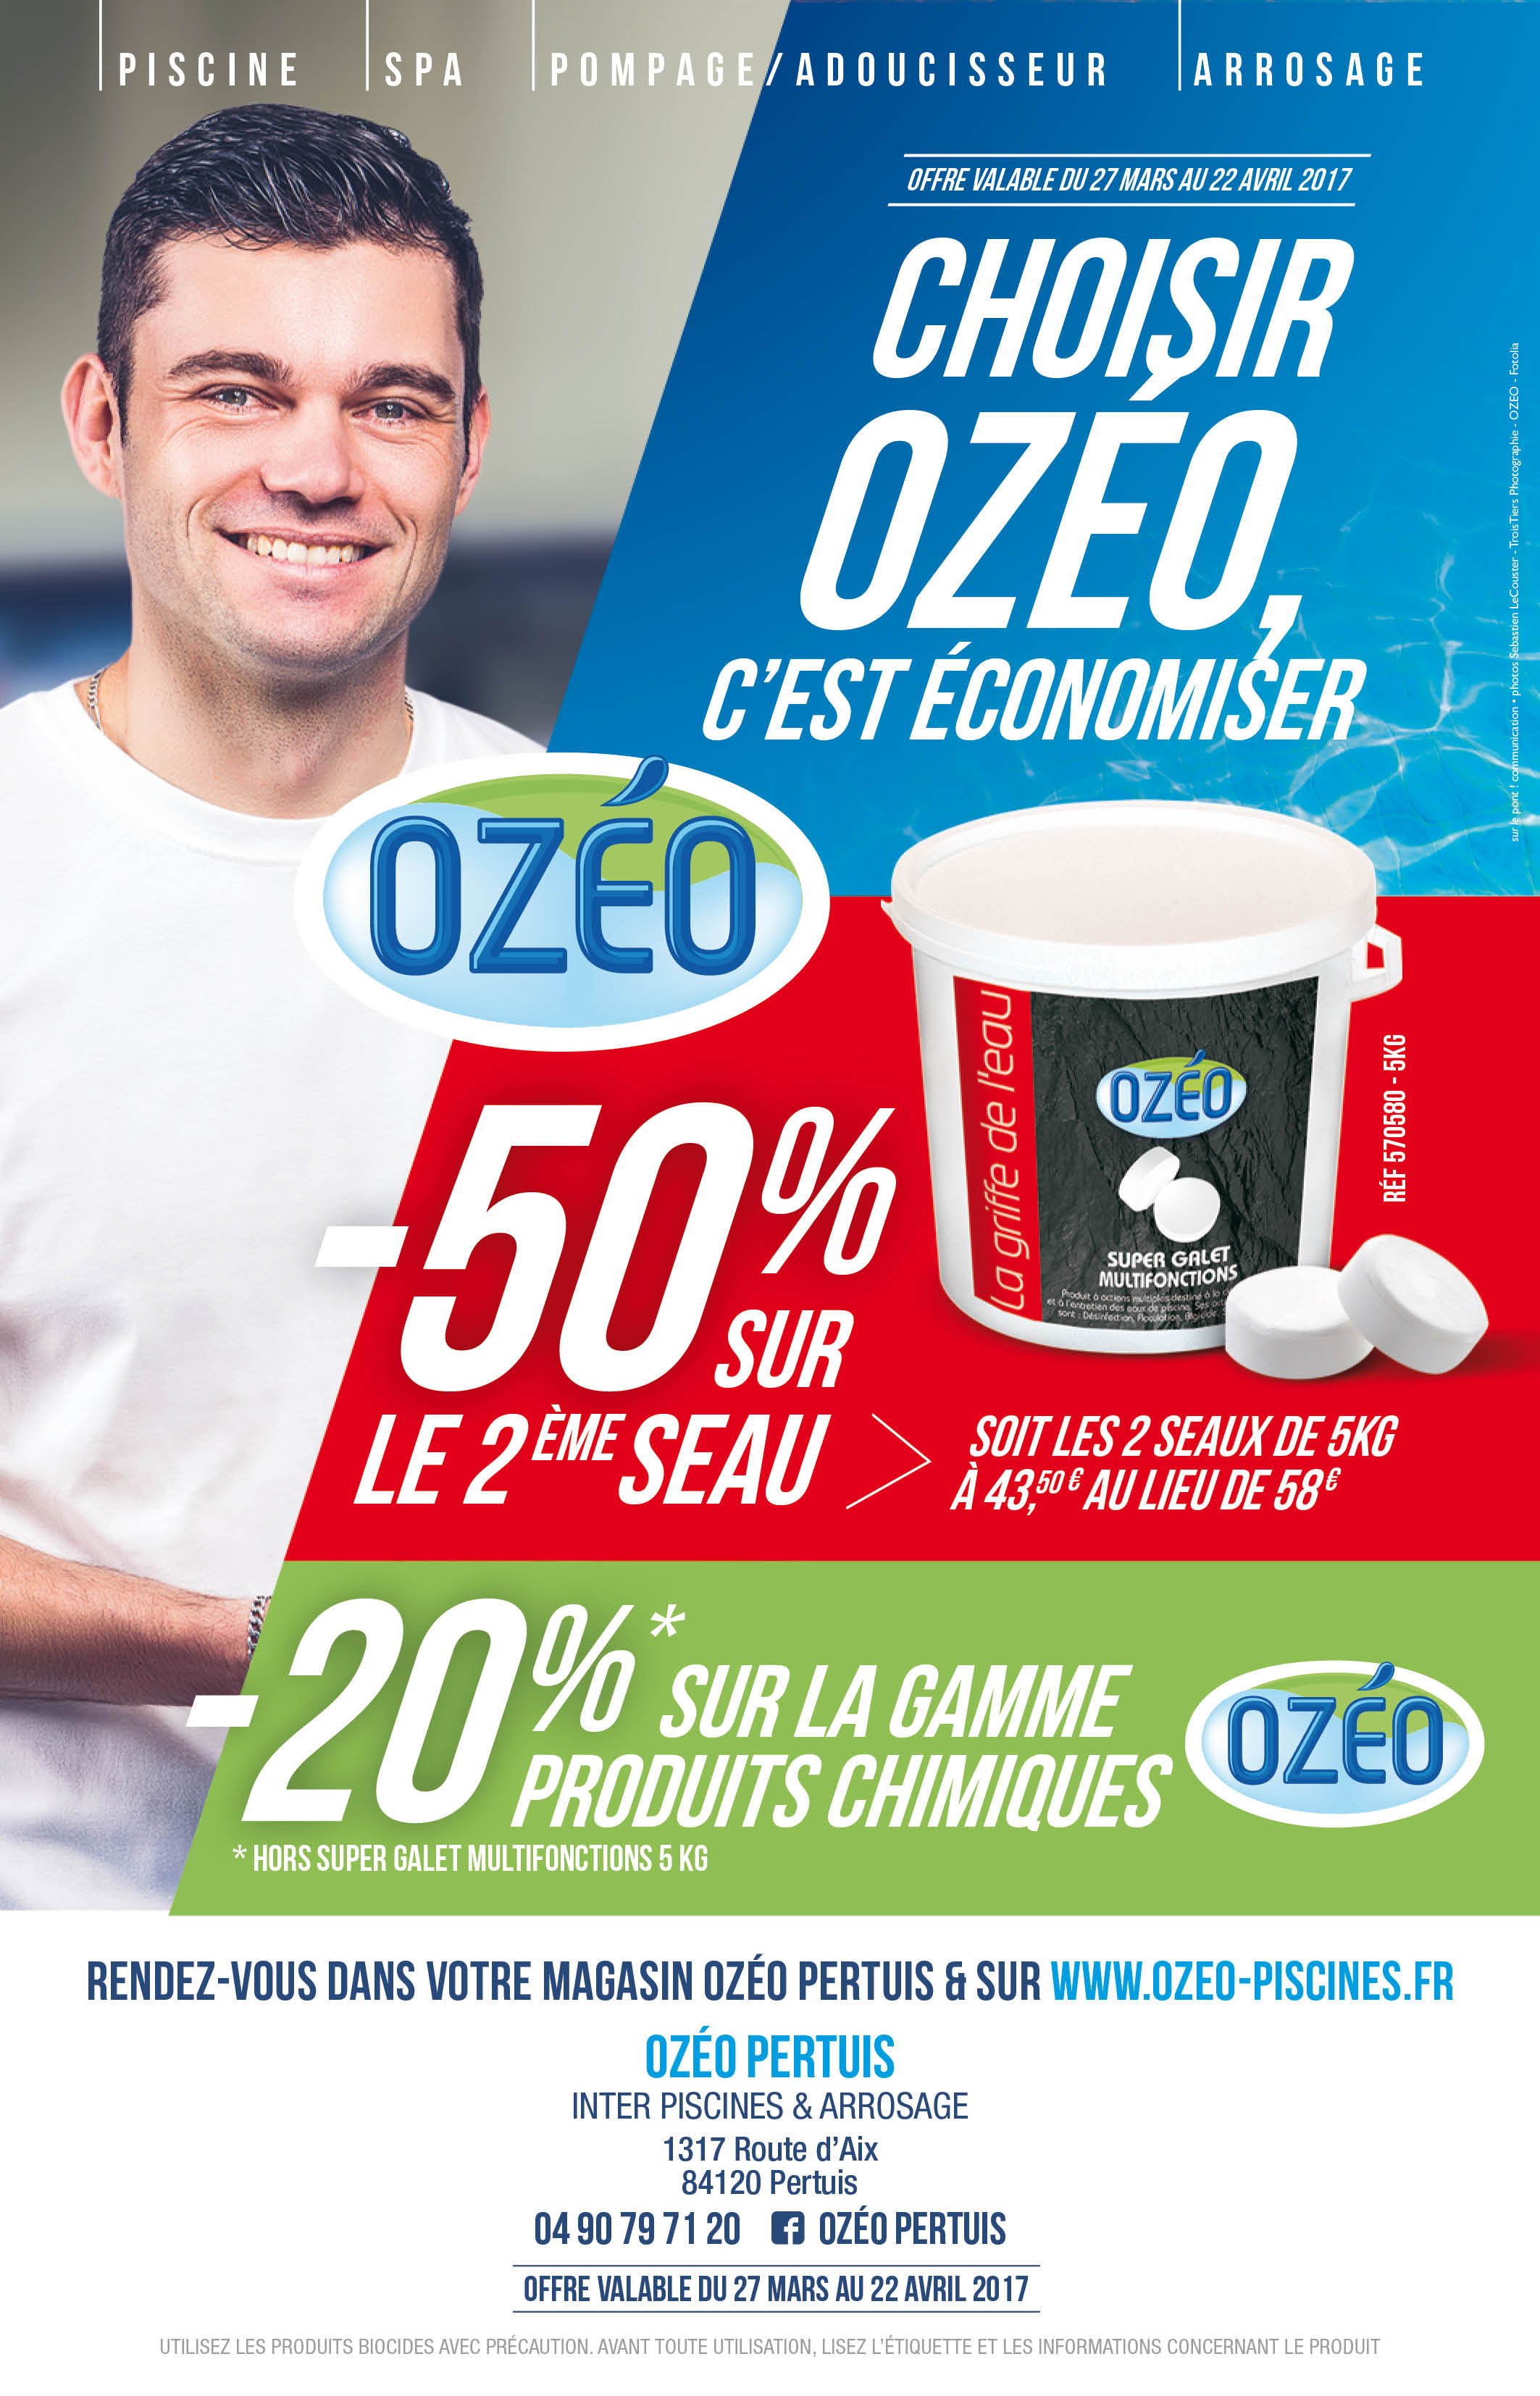 Ozeo_emailing_180x280_2017ok2 Oz O Pertuis